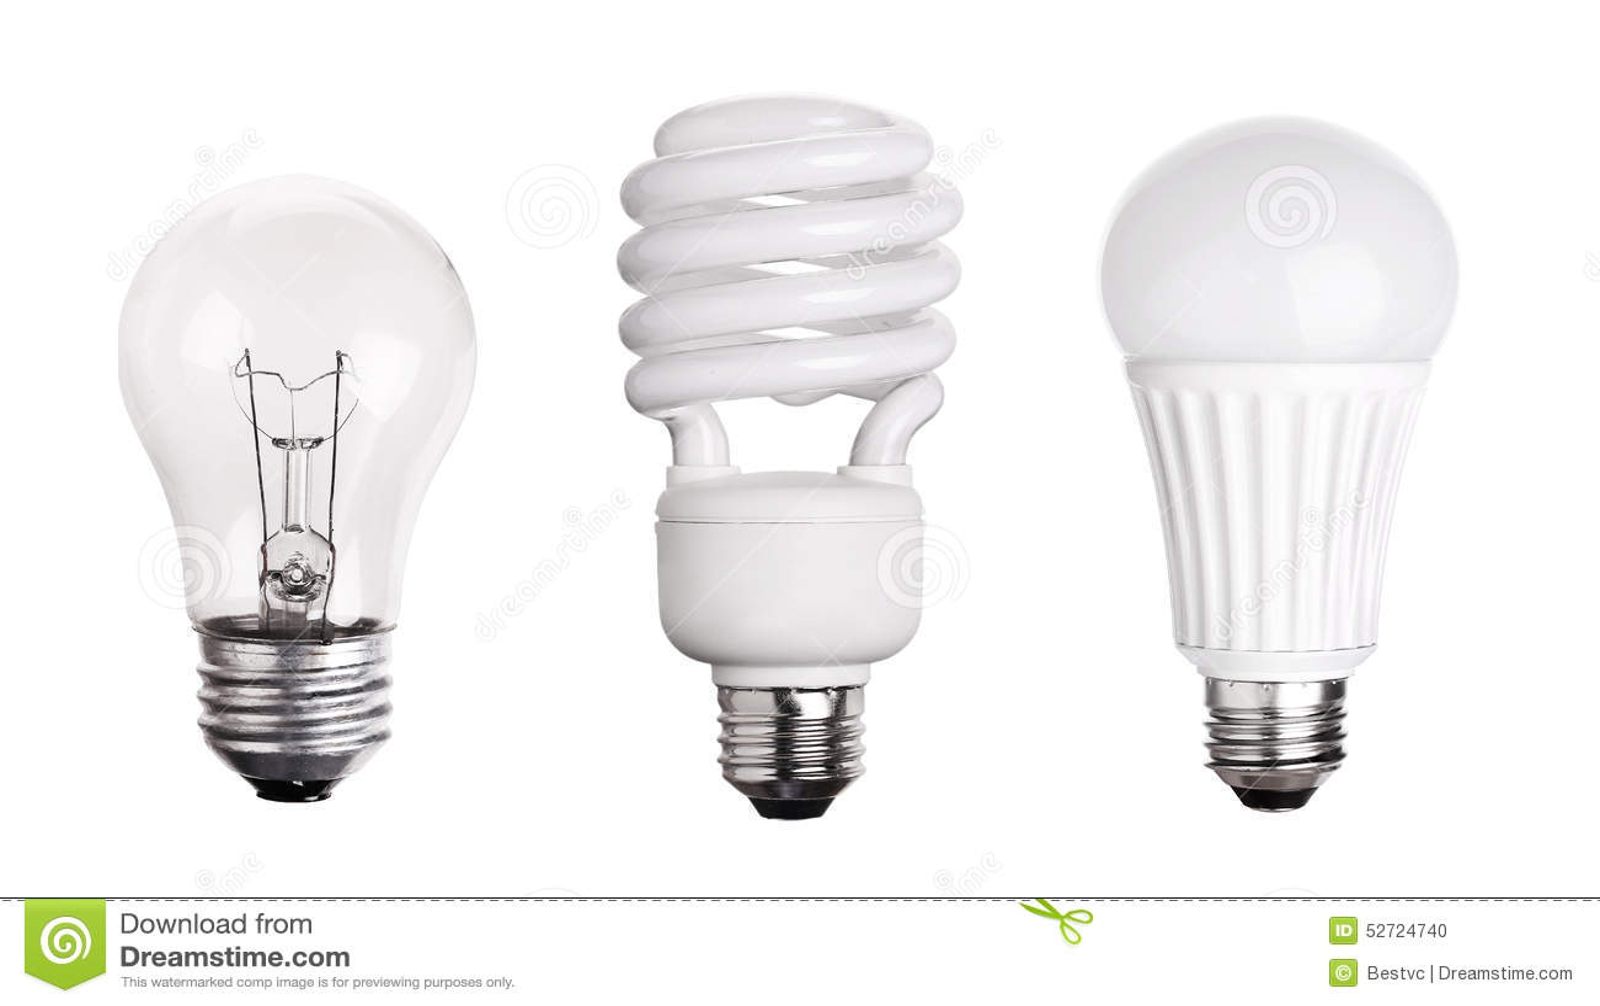 ensemble de l 39 ampoule led cfl fluorescente sur le blanc. Black Bedroom Furniture Sets. Home Design Ideas